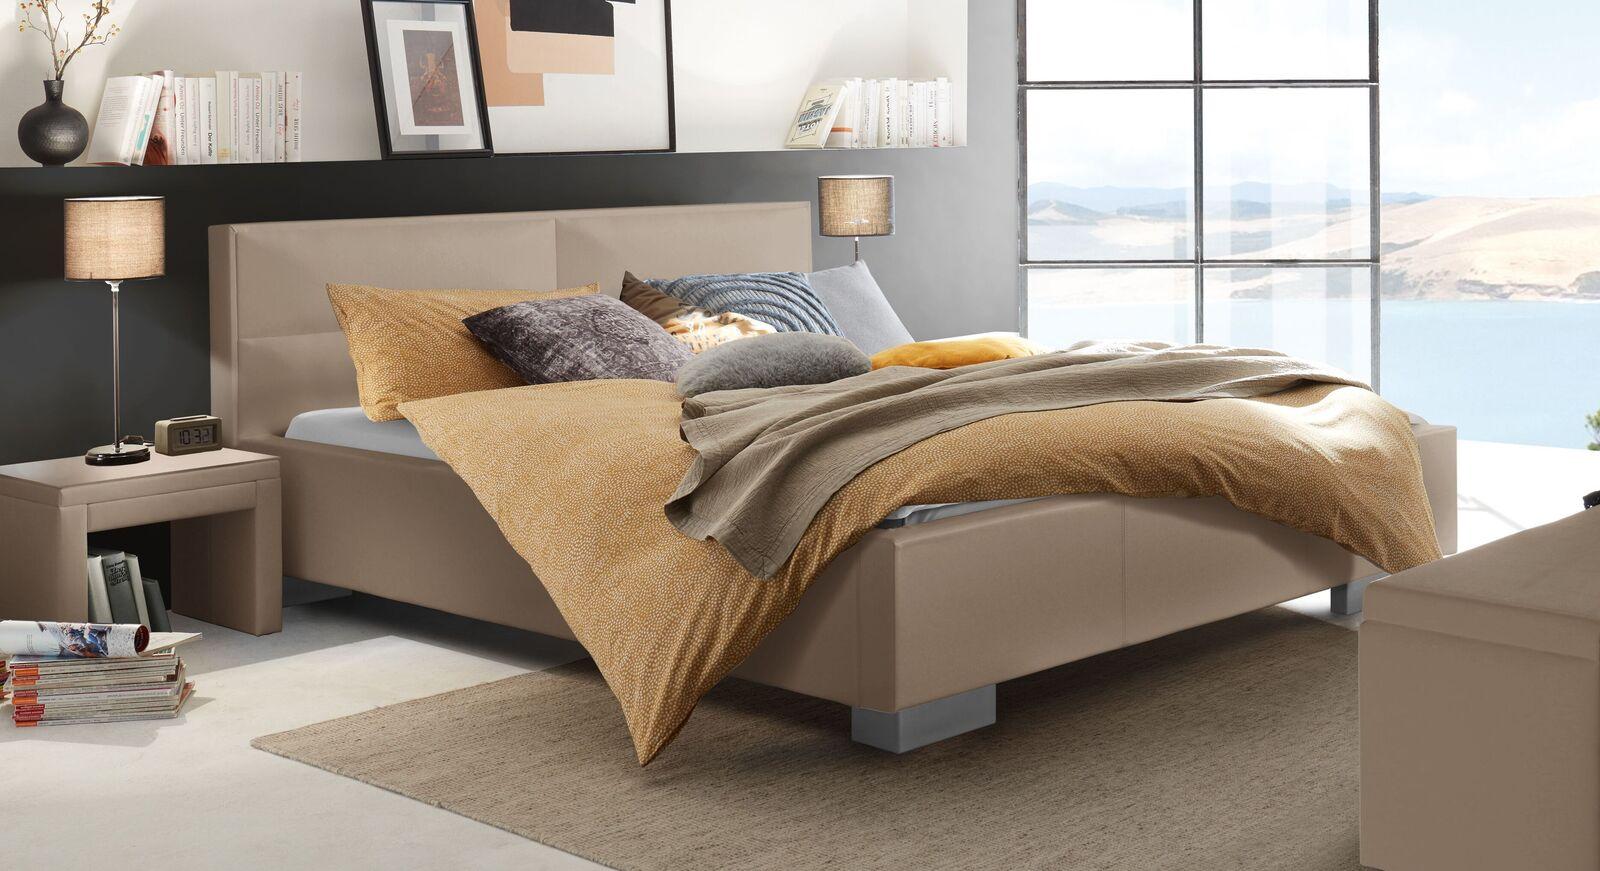 Hochwertiges Bett Thomes aus Luxus-Kunstleder